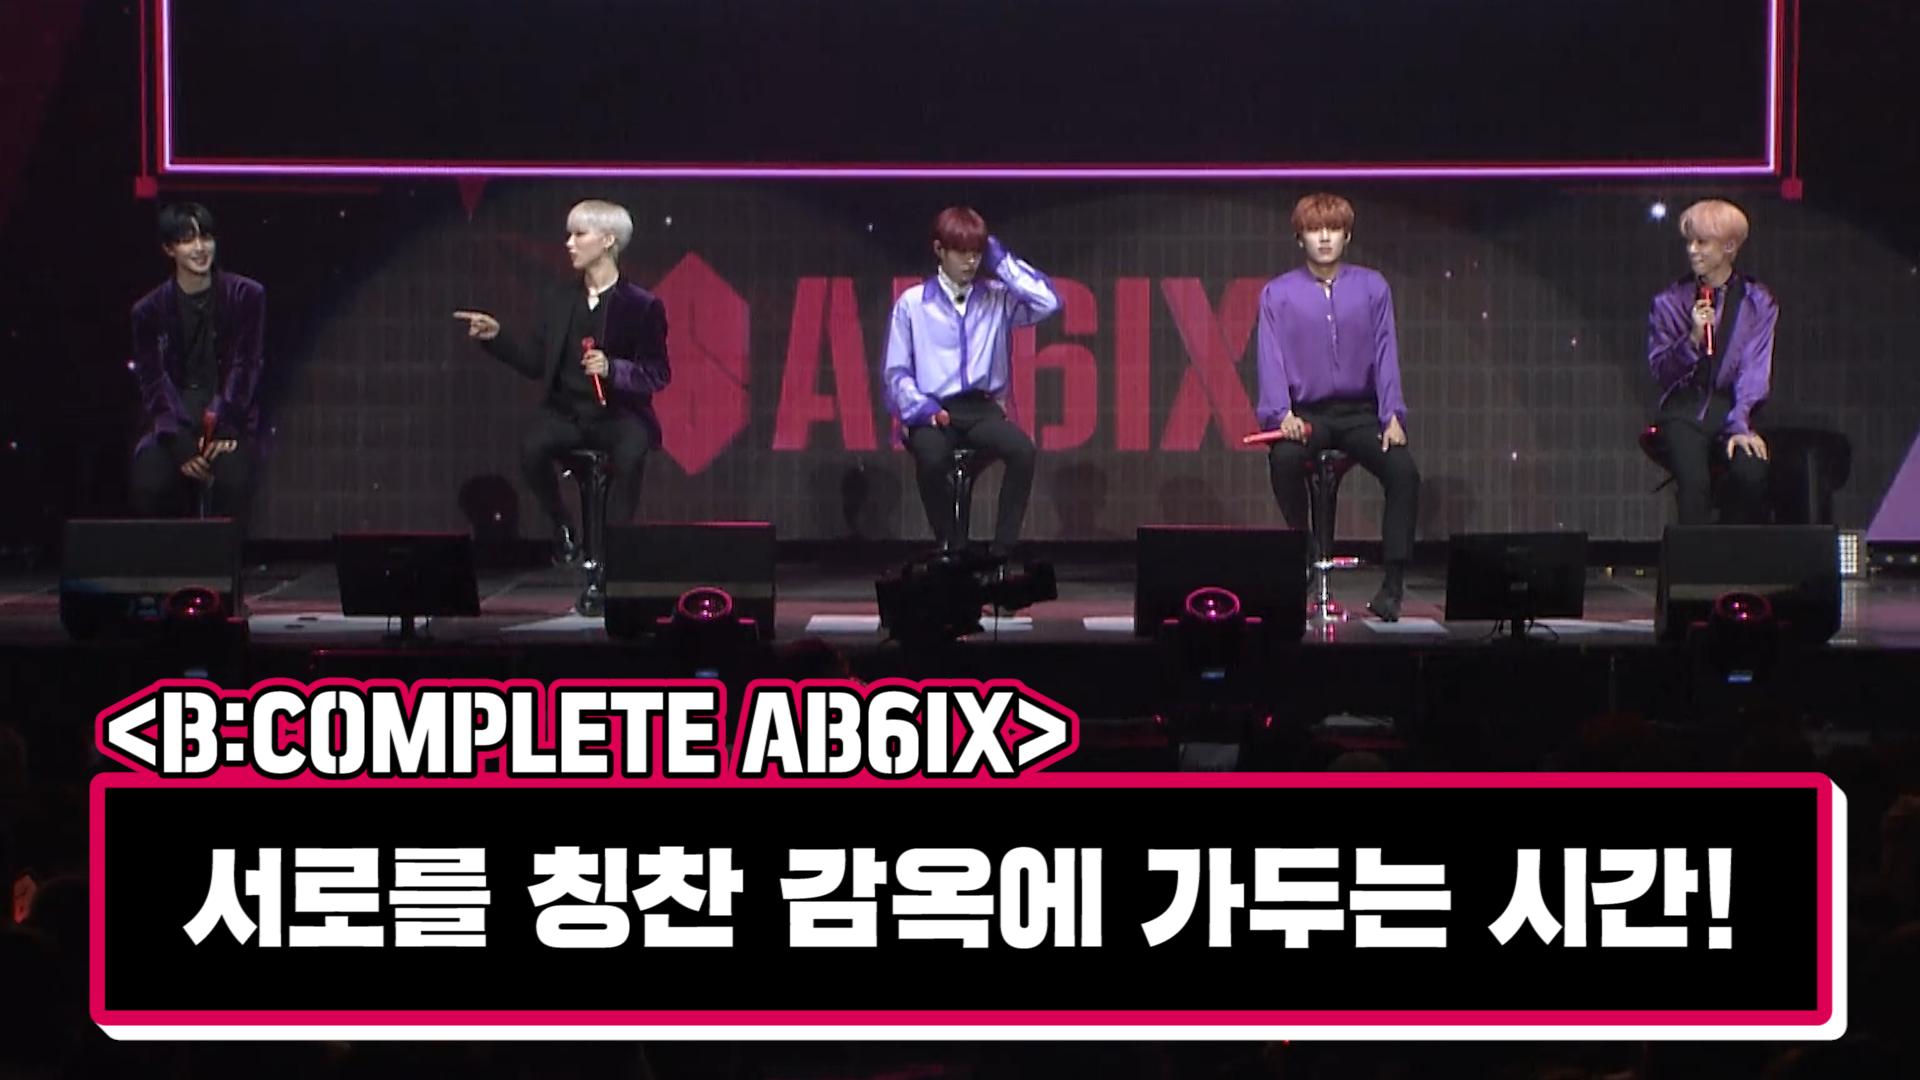 [AB6IX] 시켜줘,, 존재만으로 천지창조한 에삐국 명예 에비뉴 시민,, (AB6IX's debut showcase!)